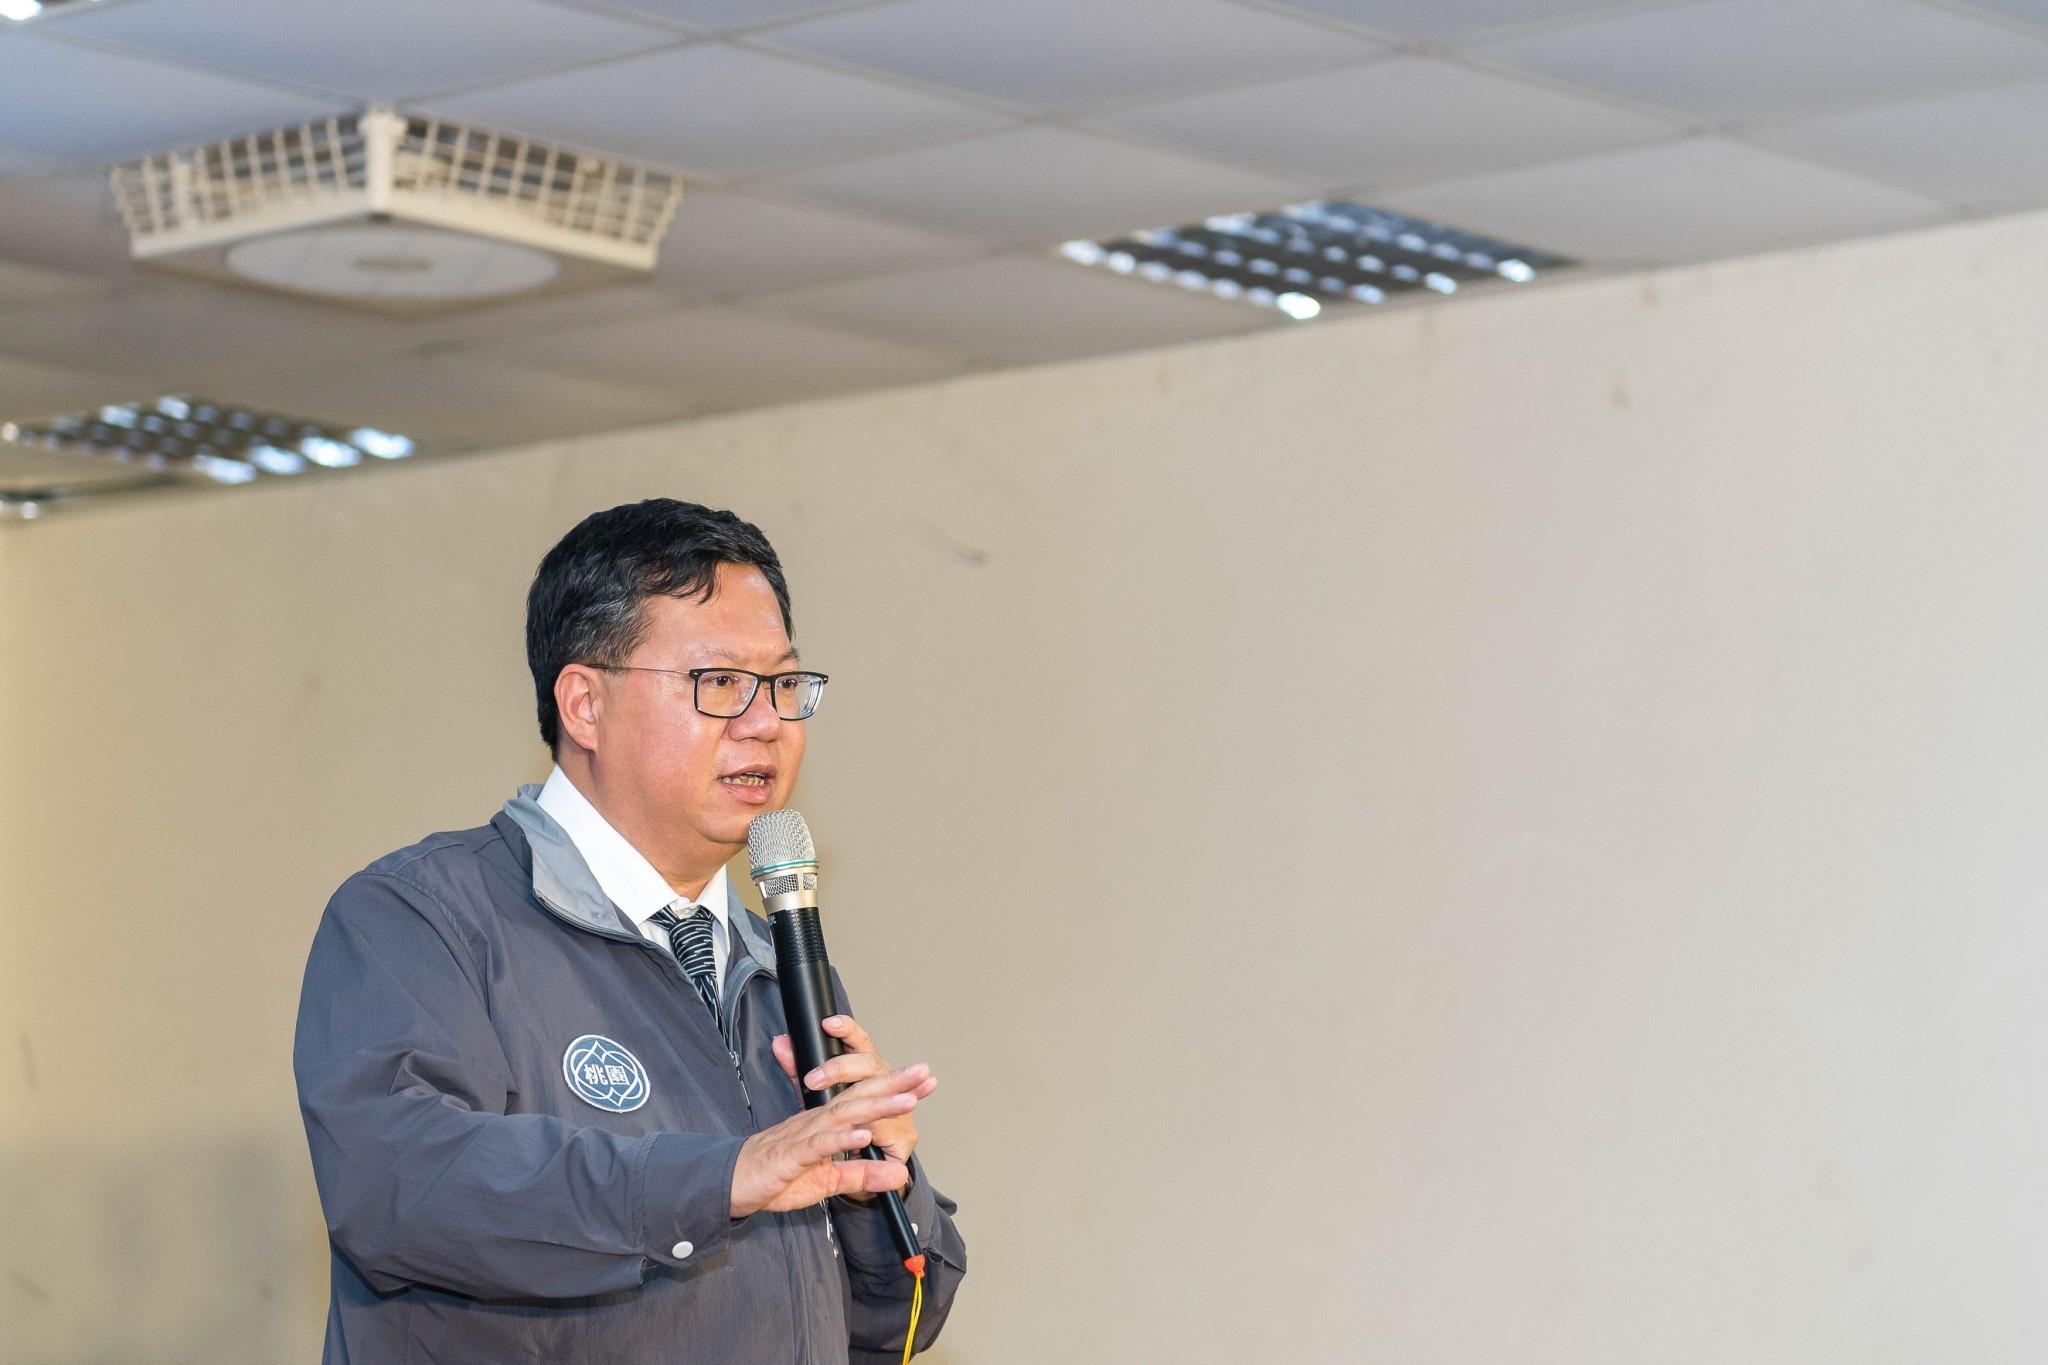 鄭市長致詞,改善交通、提升公設,讓坪頂地區更方便